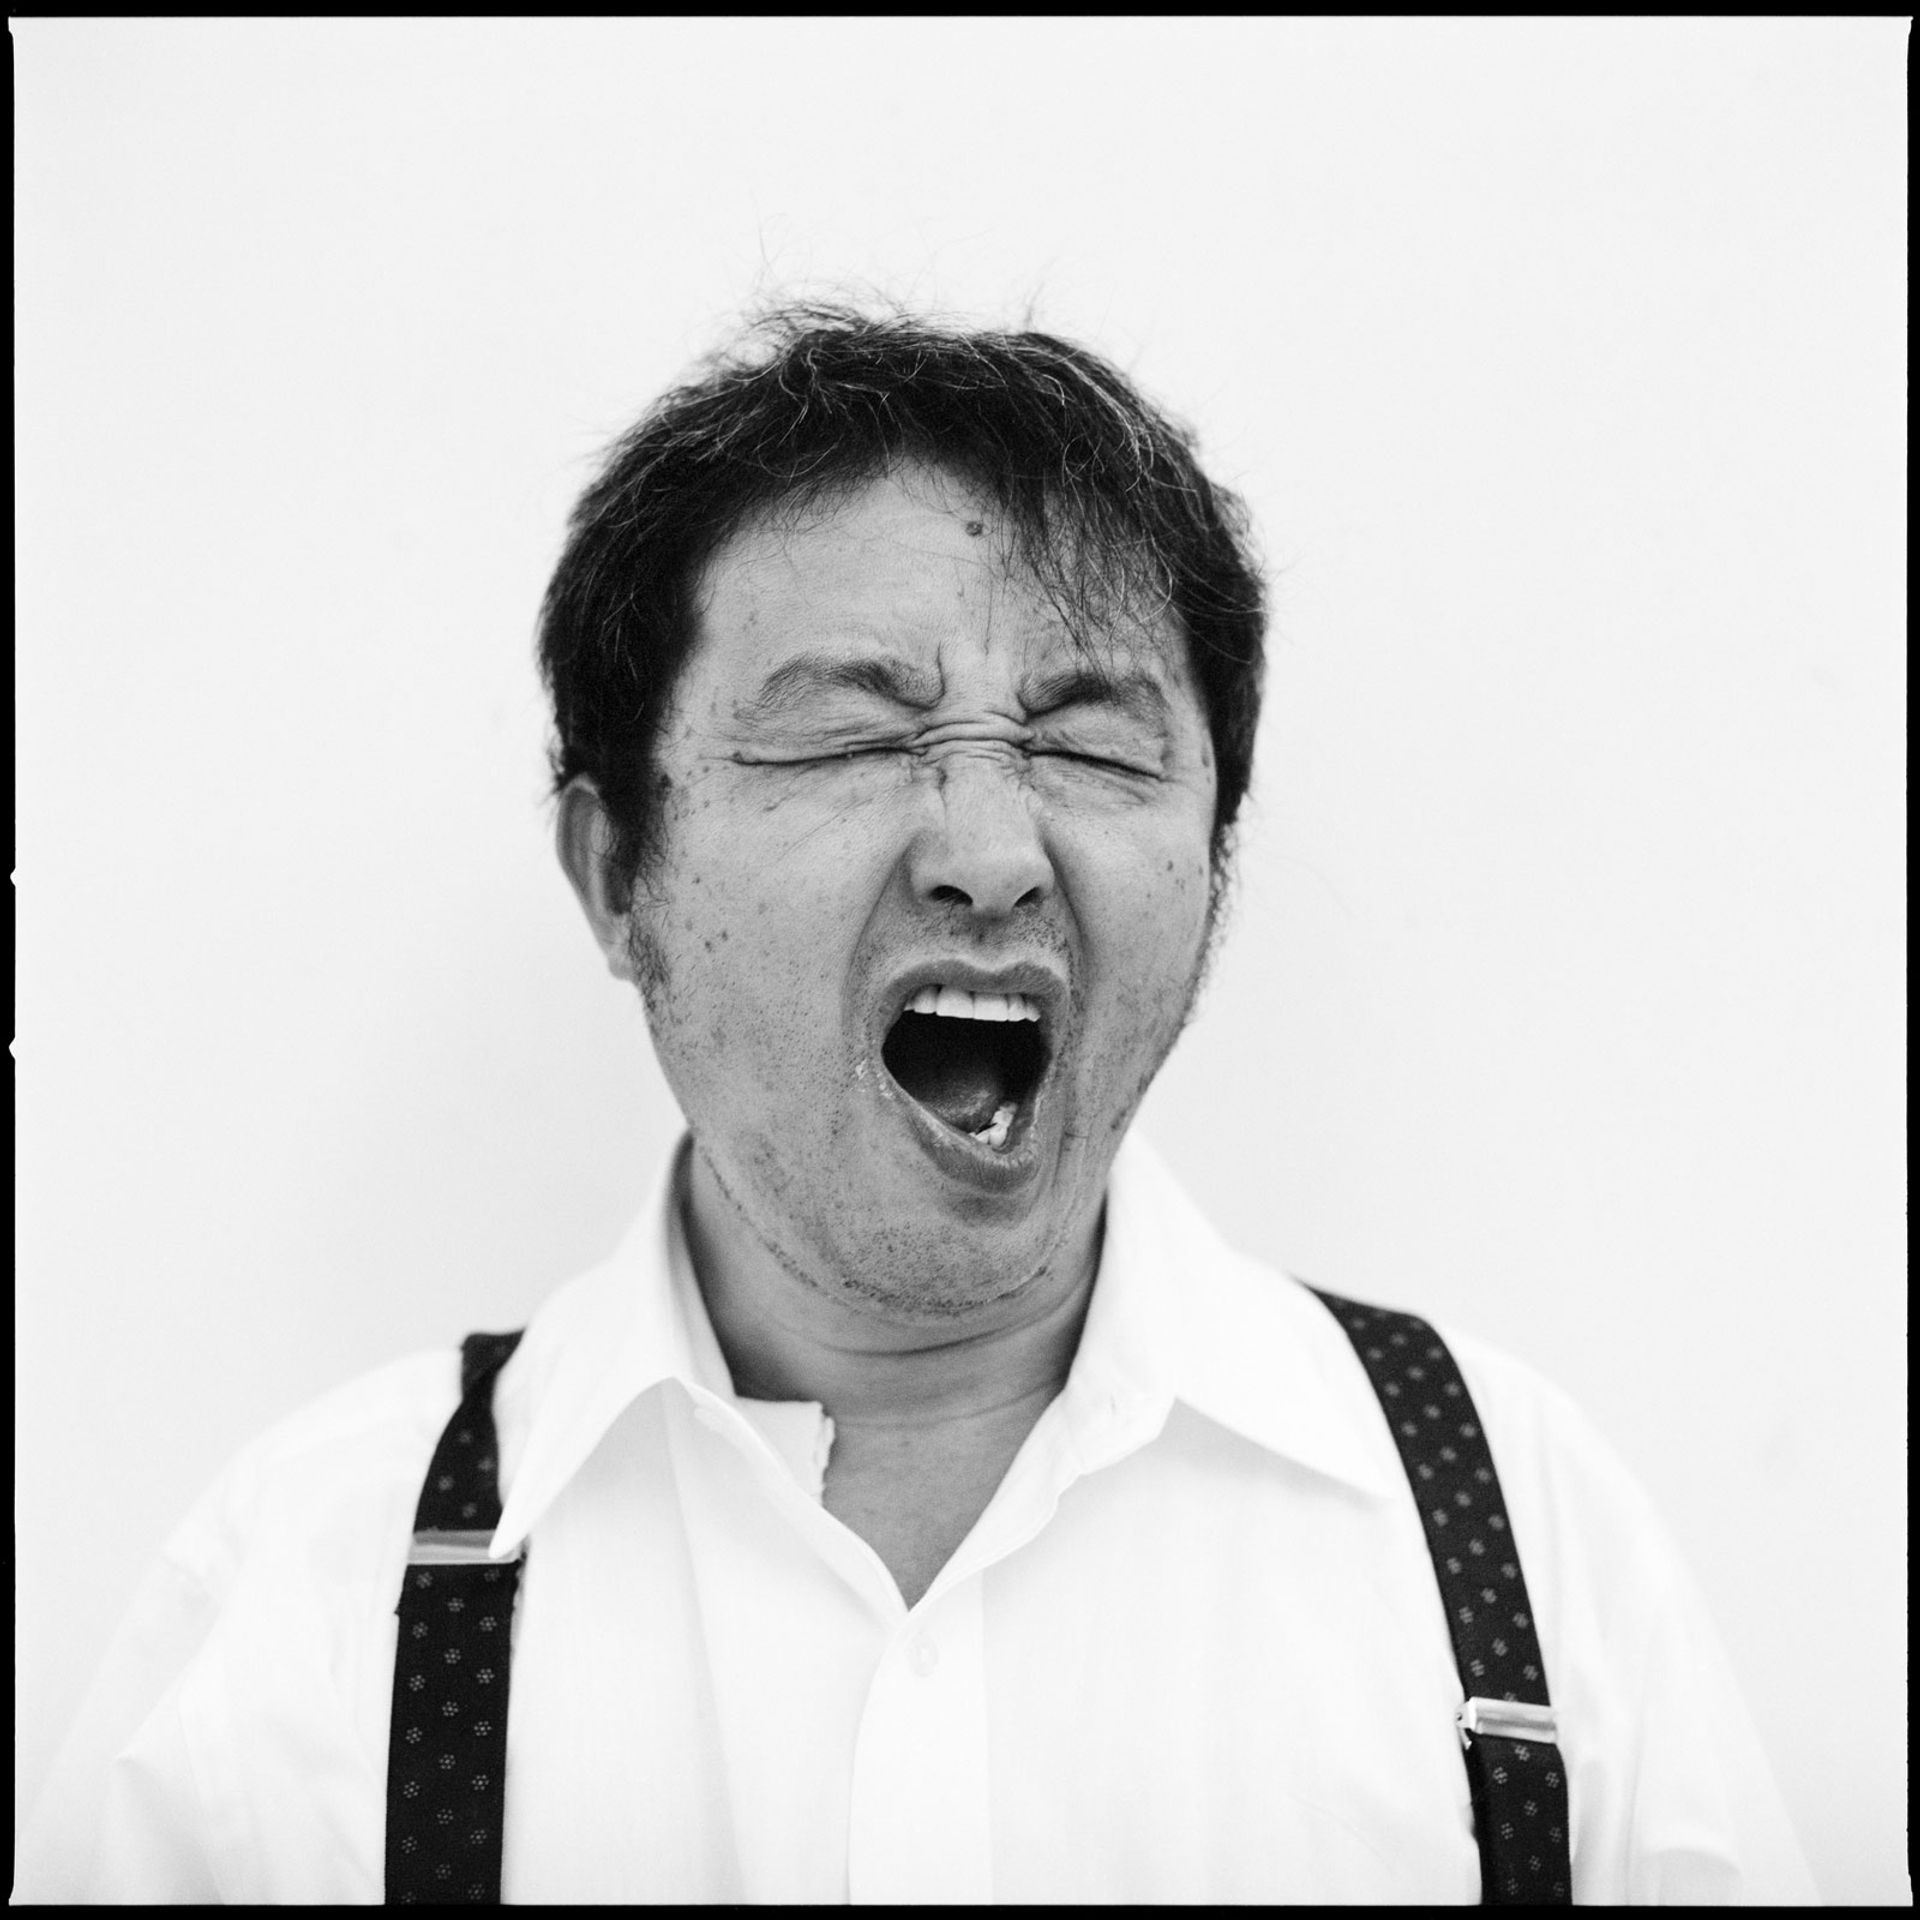 Nam June Paik yawning, photographed in 1993 by Roman Mensing © Roman Mensing, artdoc.de